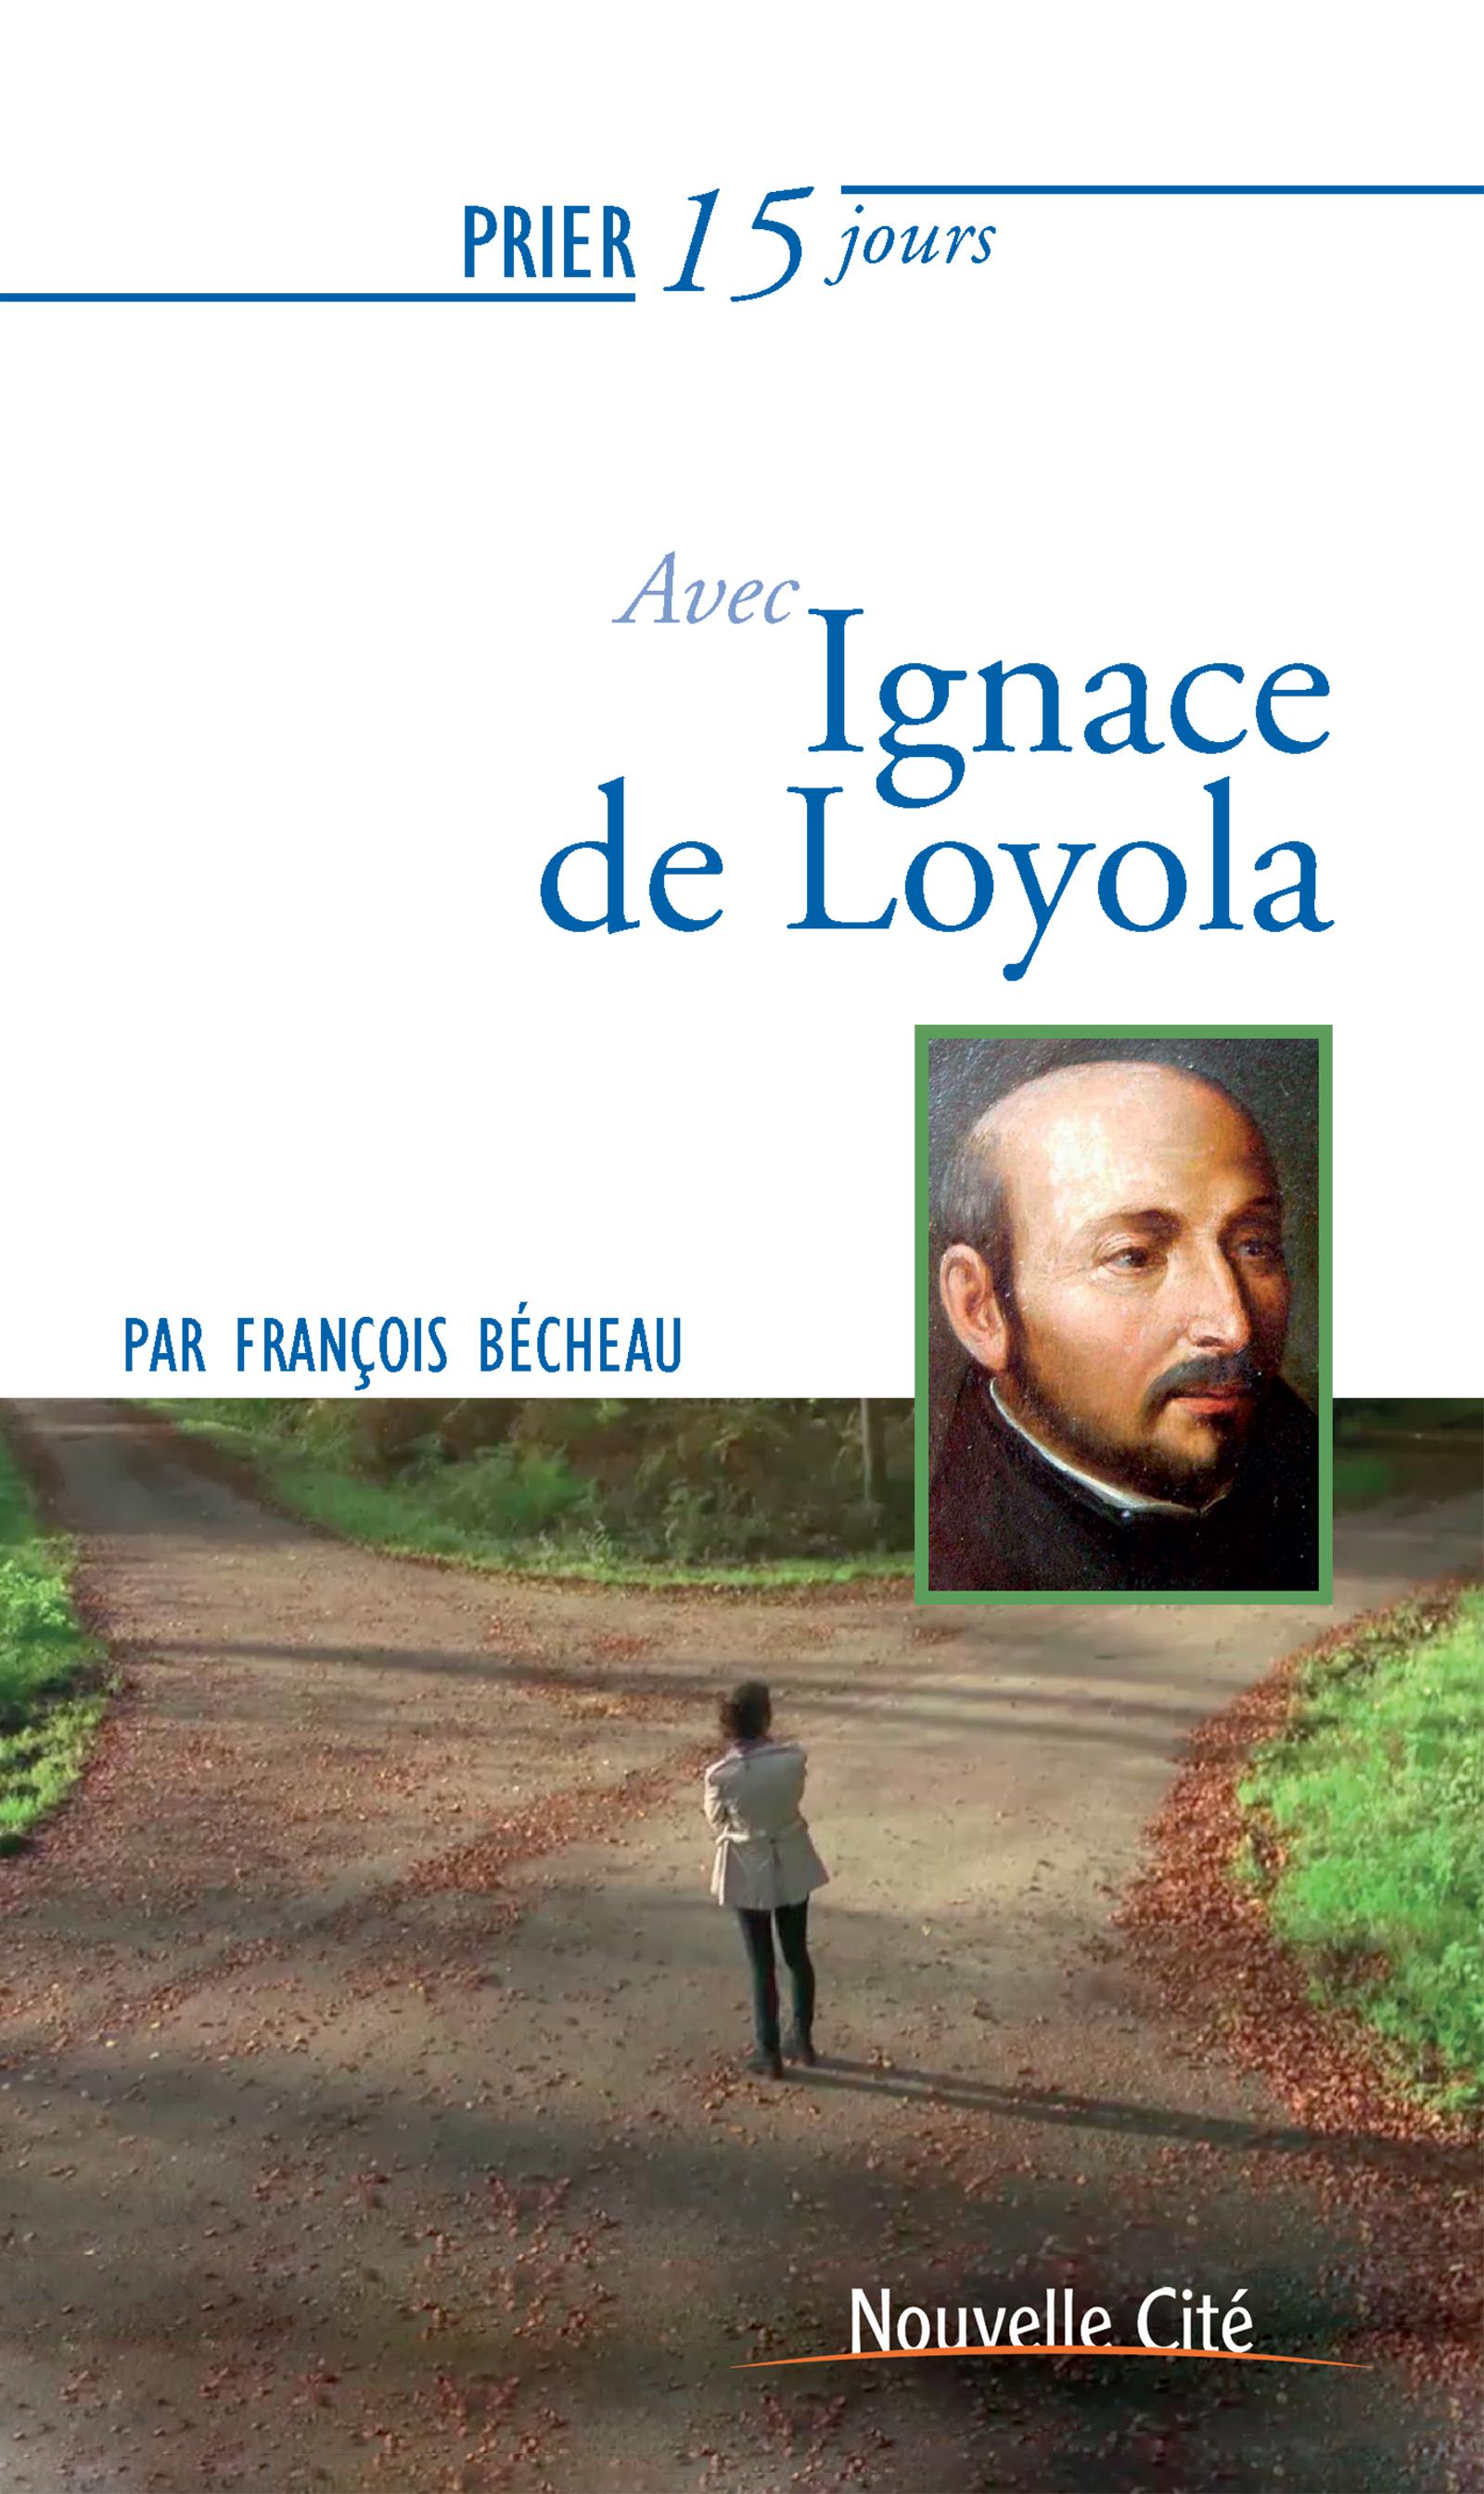 Prier 15 jours avec Ignace de Loyola